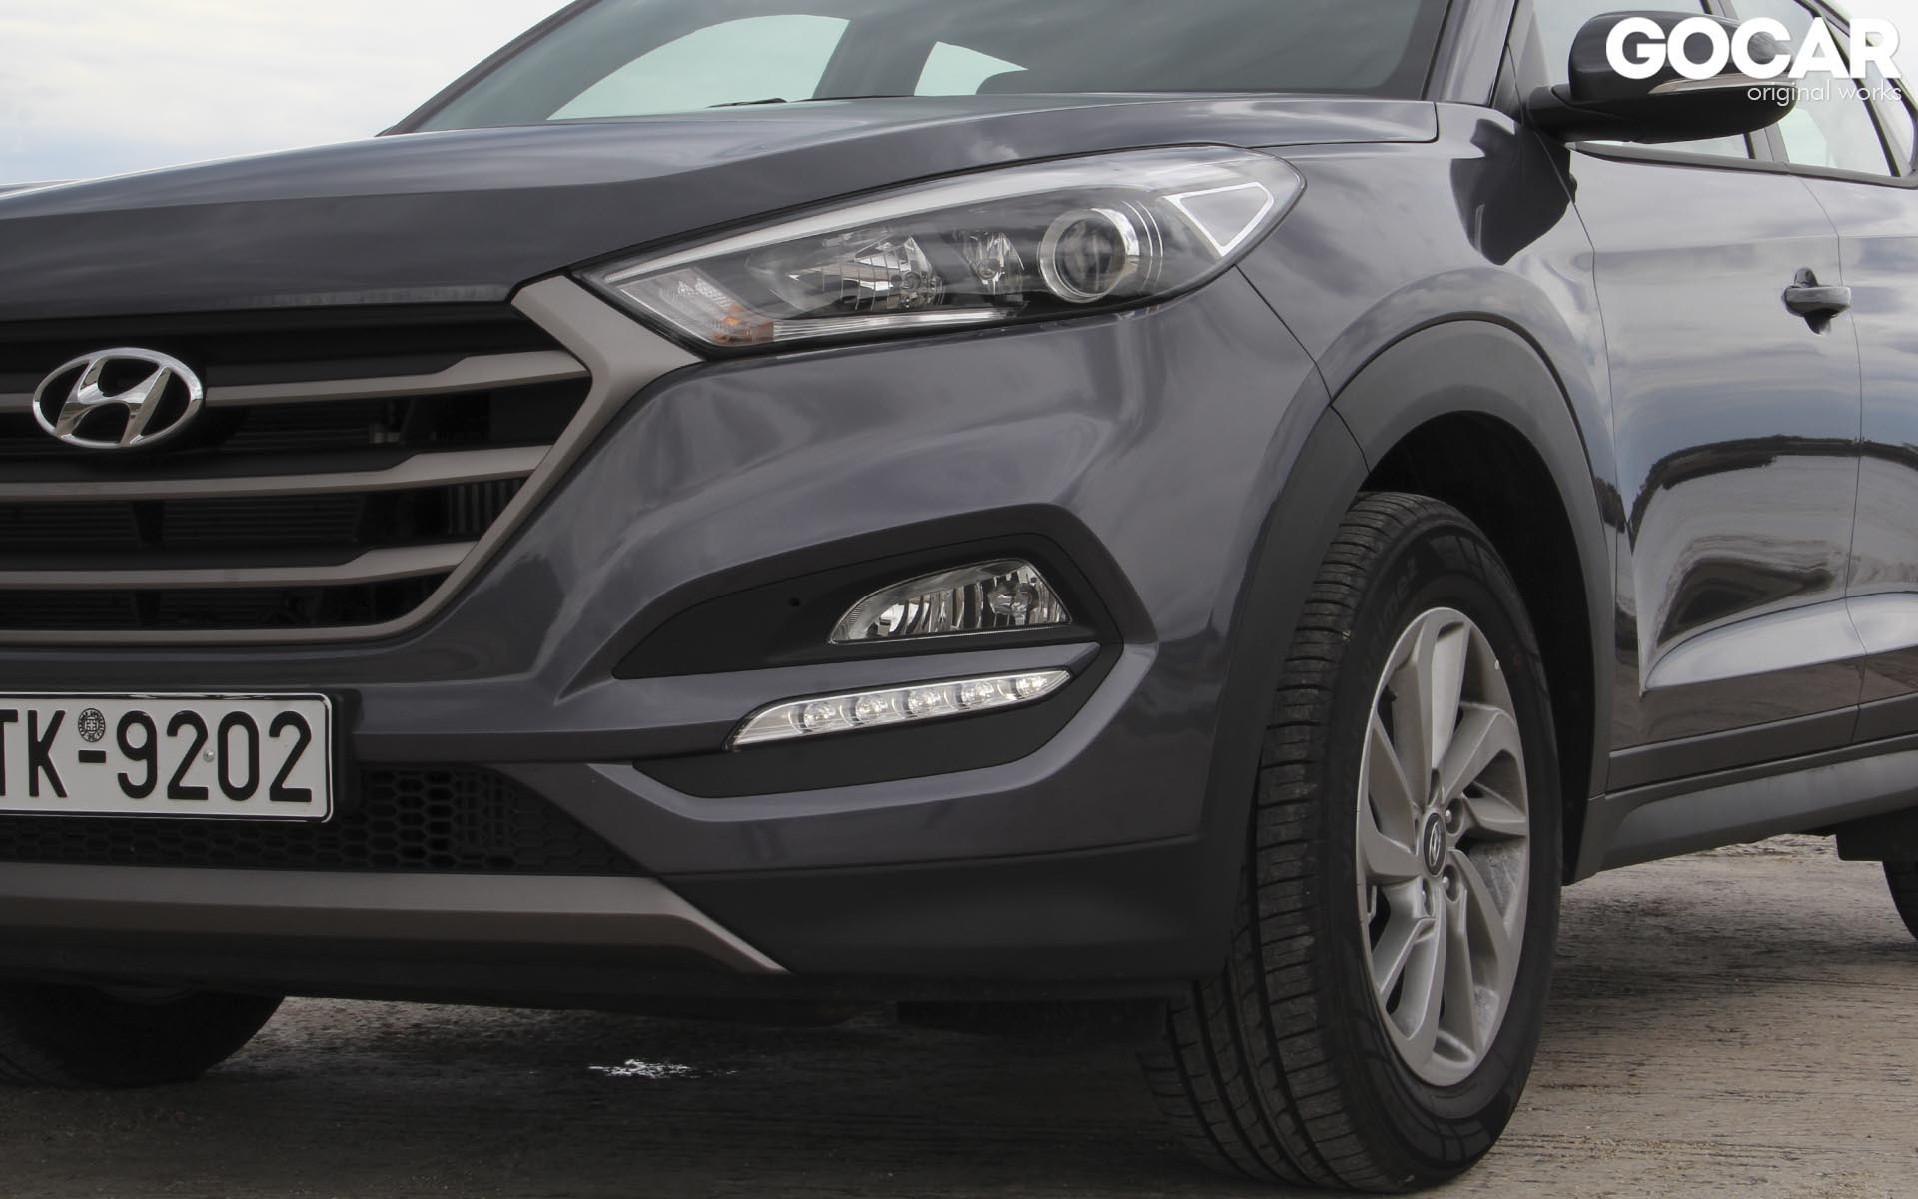 ΔΟΚΙΜΗ: Hyundai Tucson 1.7 CRDi 141 PS DCT - Η Hyundai ...